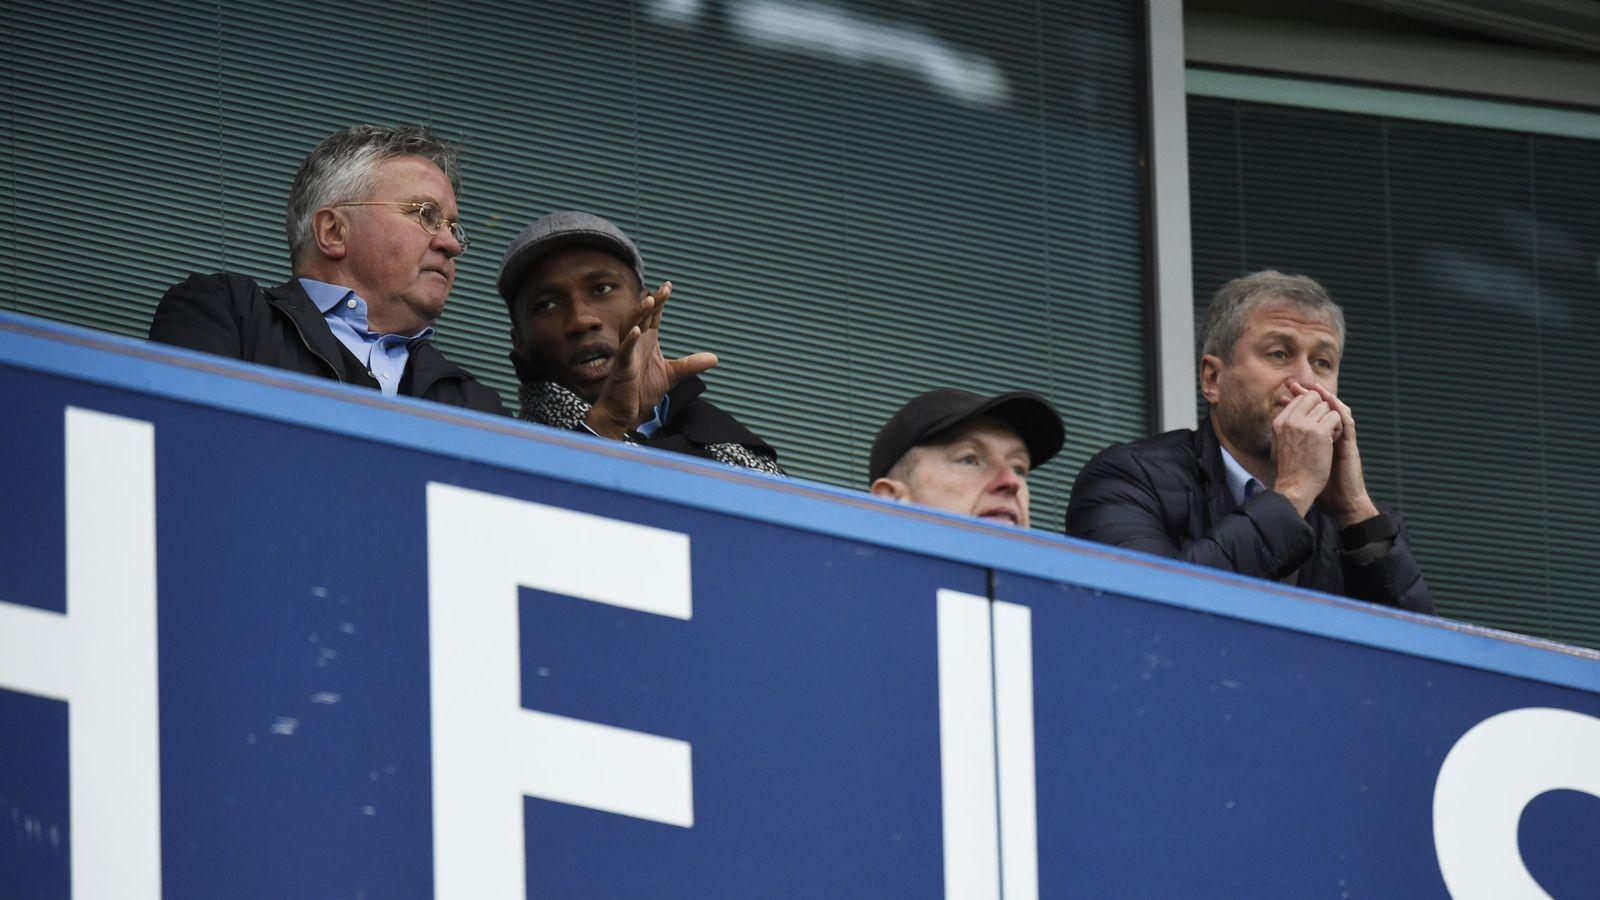 Foto: Guus Hiddink, junto a Roman Abramovich y Drogba en Stamford Bridge (Reuters)